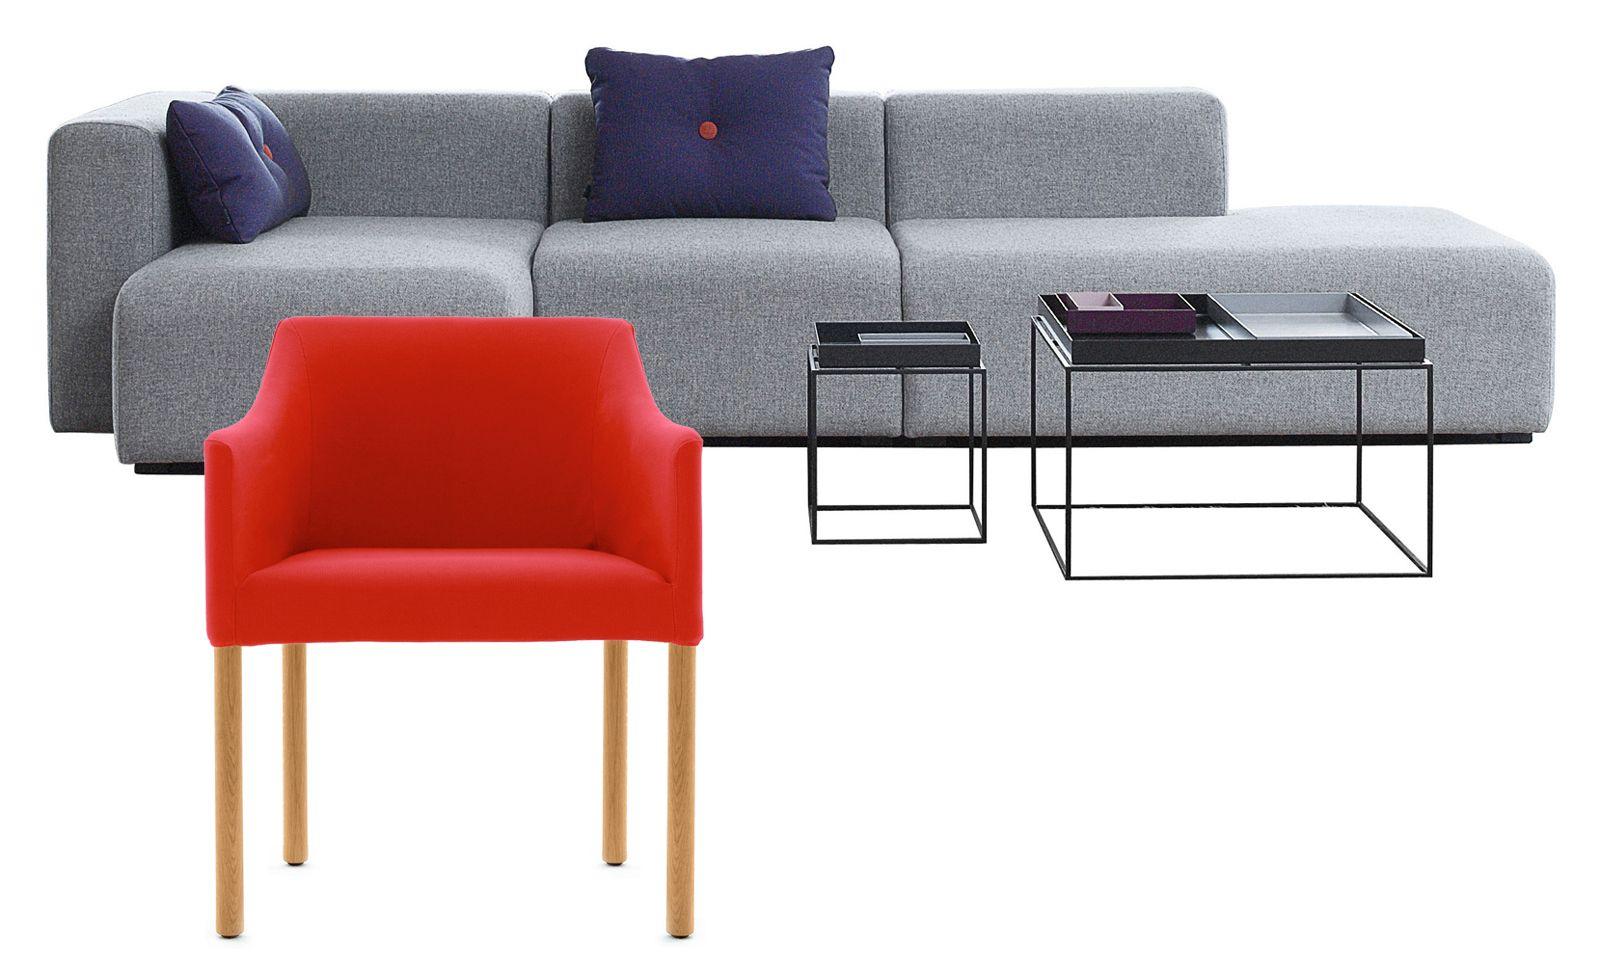 Poltrona e divano idee per abbinarli divano e poltrona for Poltrone minimal